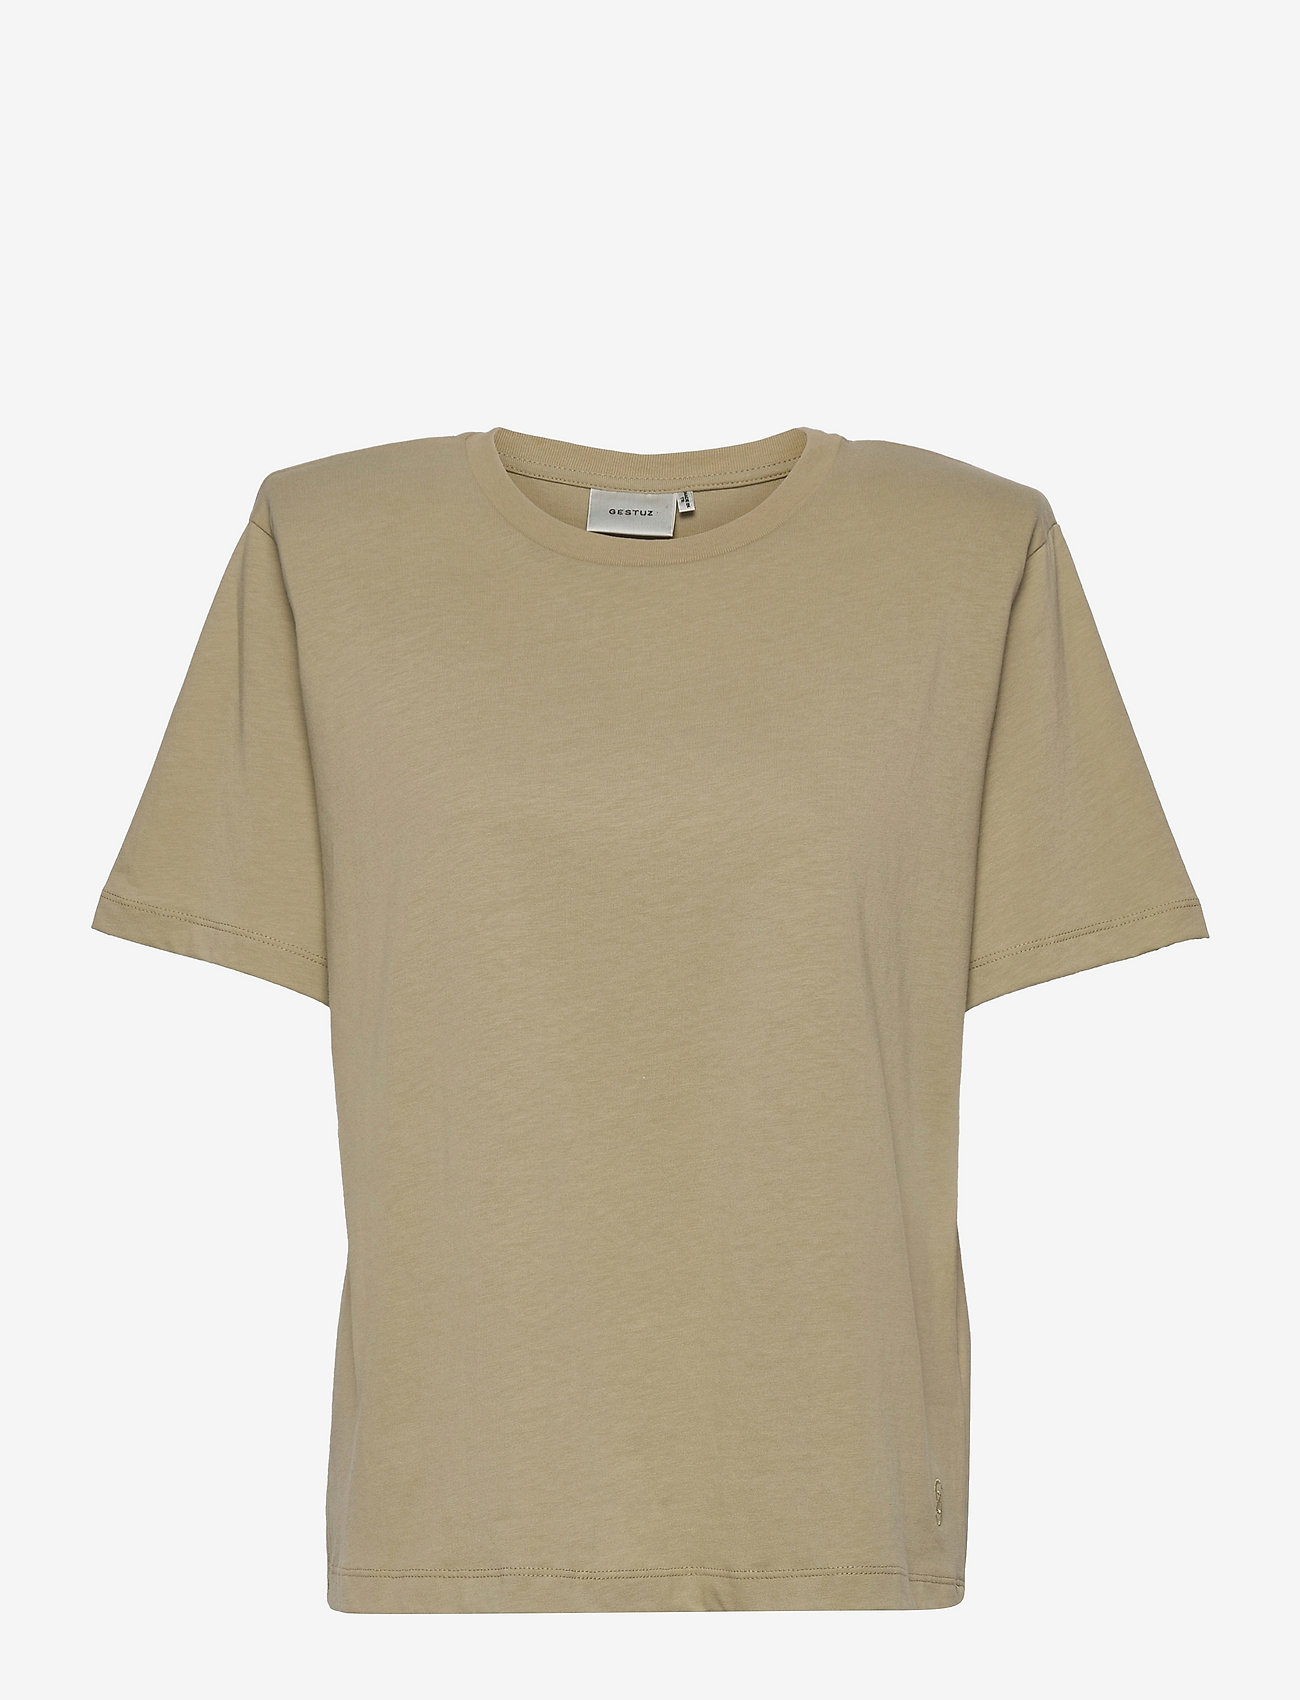 Gestuz - JoryGZ tee - t-shirts - elm - 0